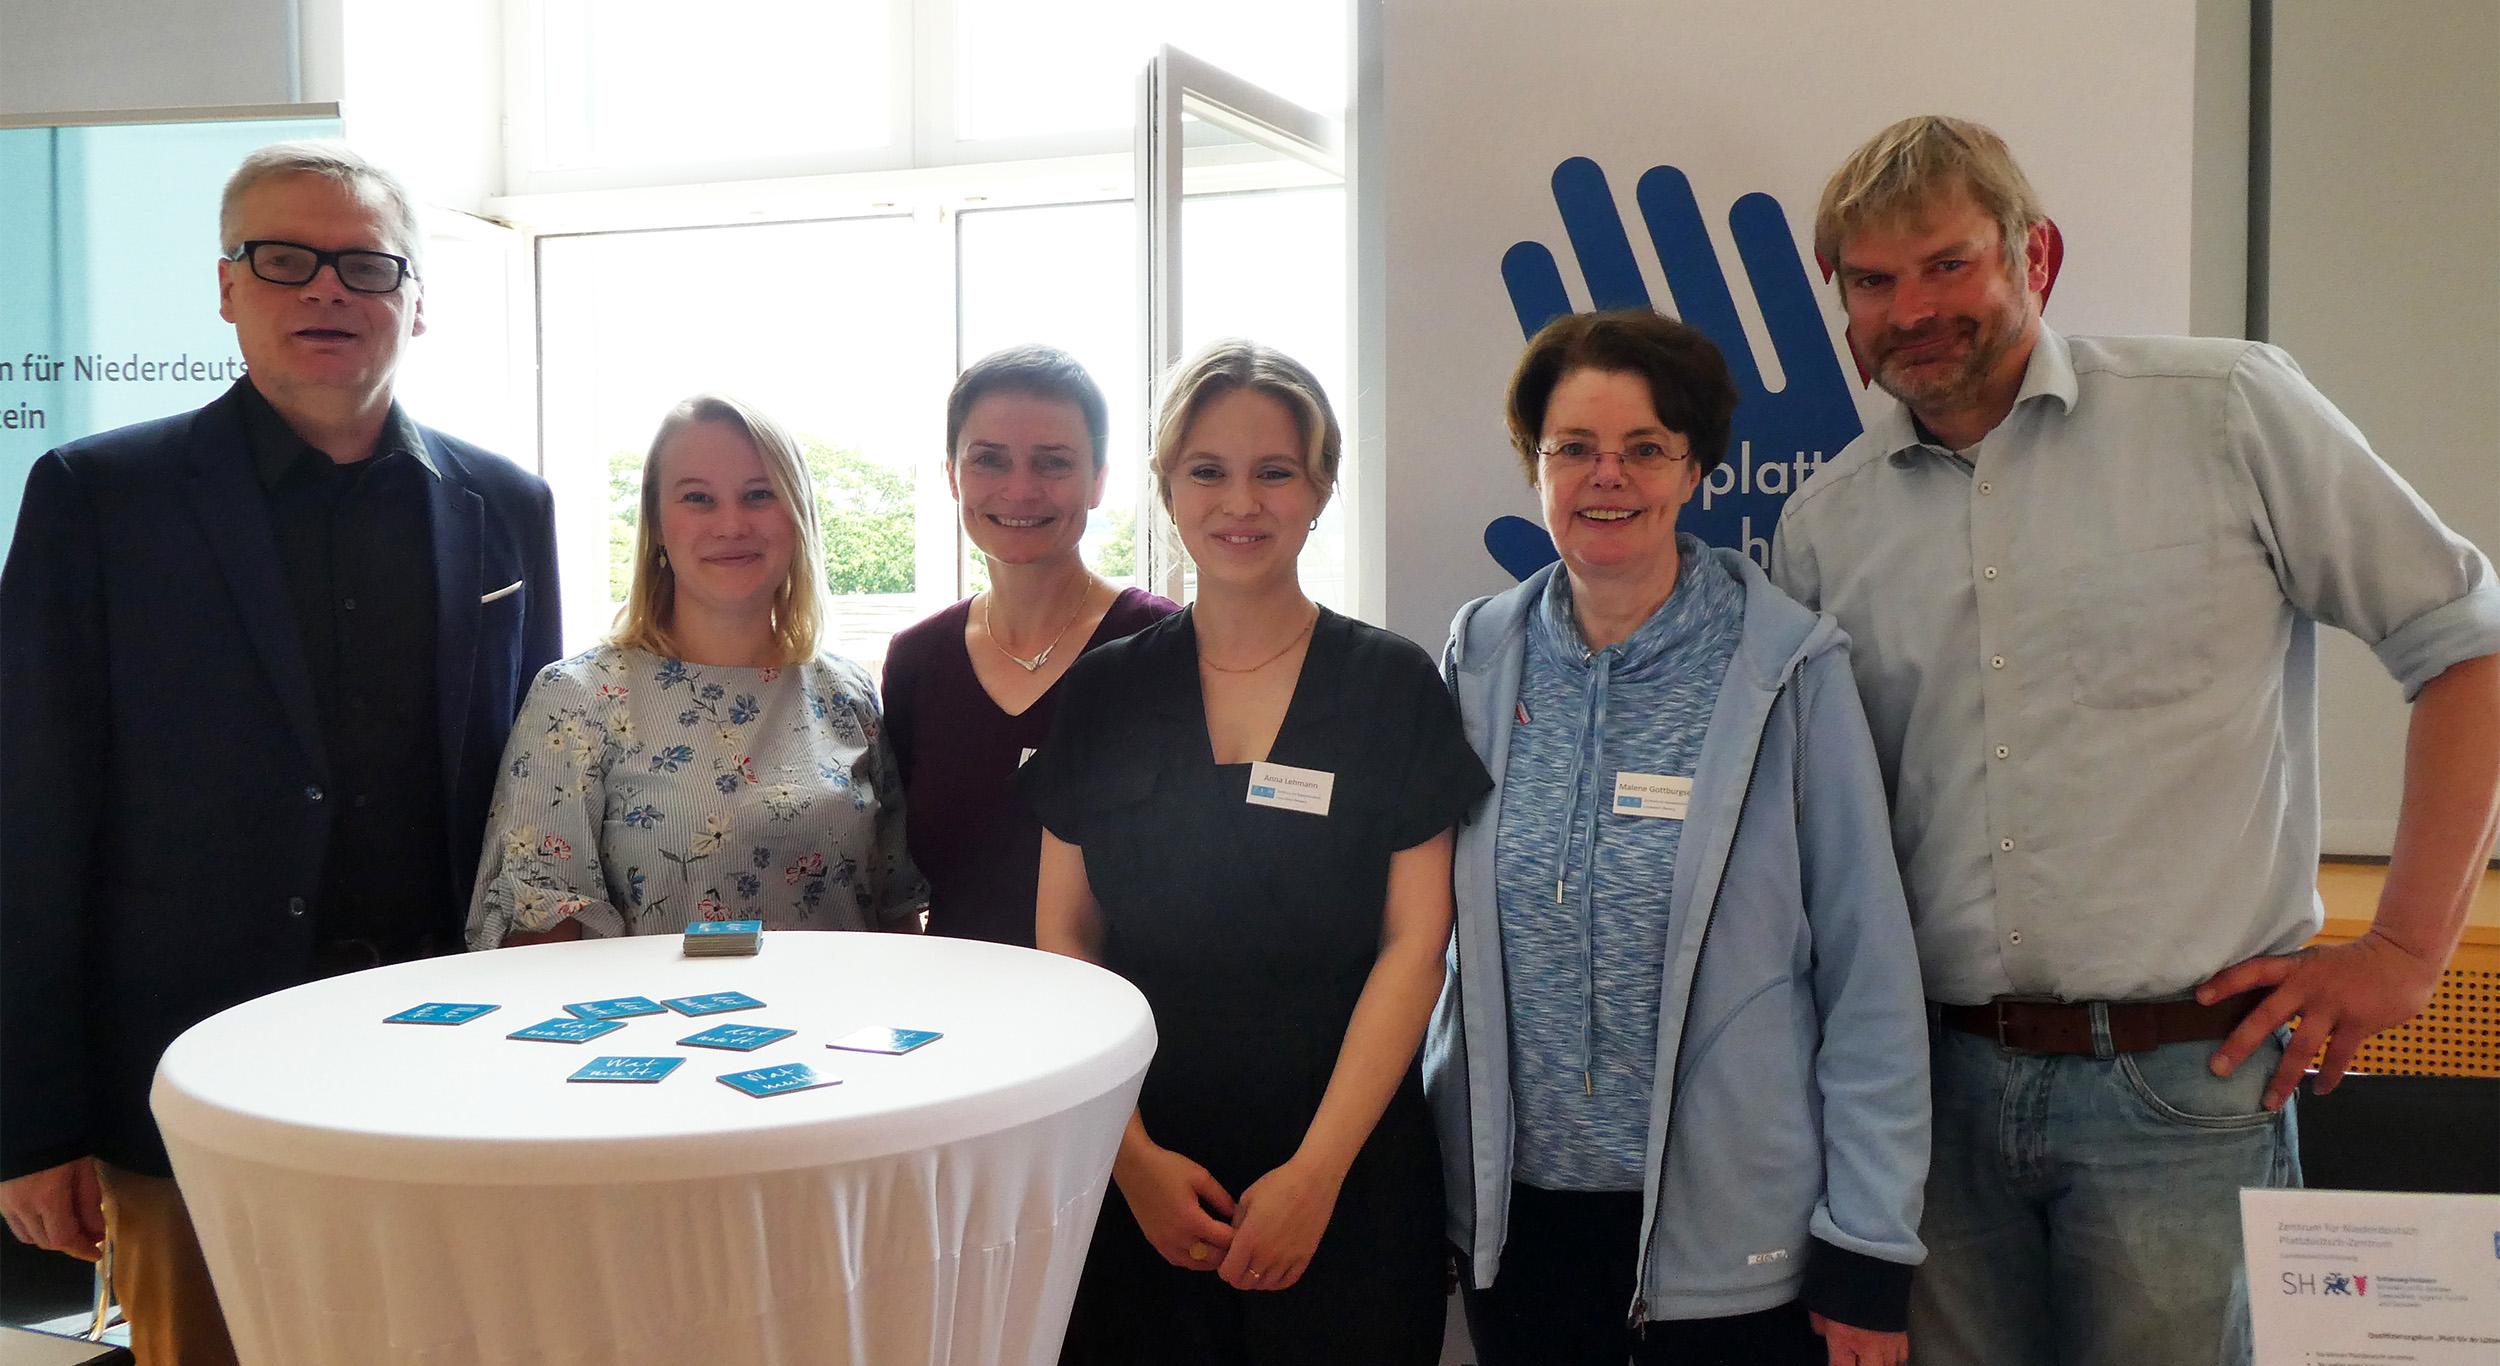 Thorsten Börnsen, Ronja Kilian, Gesa Retzlaff, Anna Lehmann, Malene Gottburgsen (vun links na rechts)